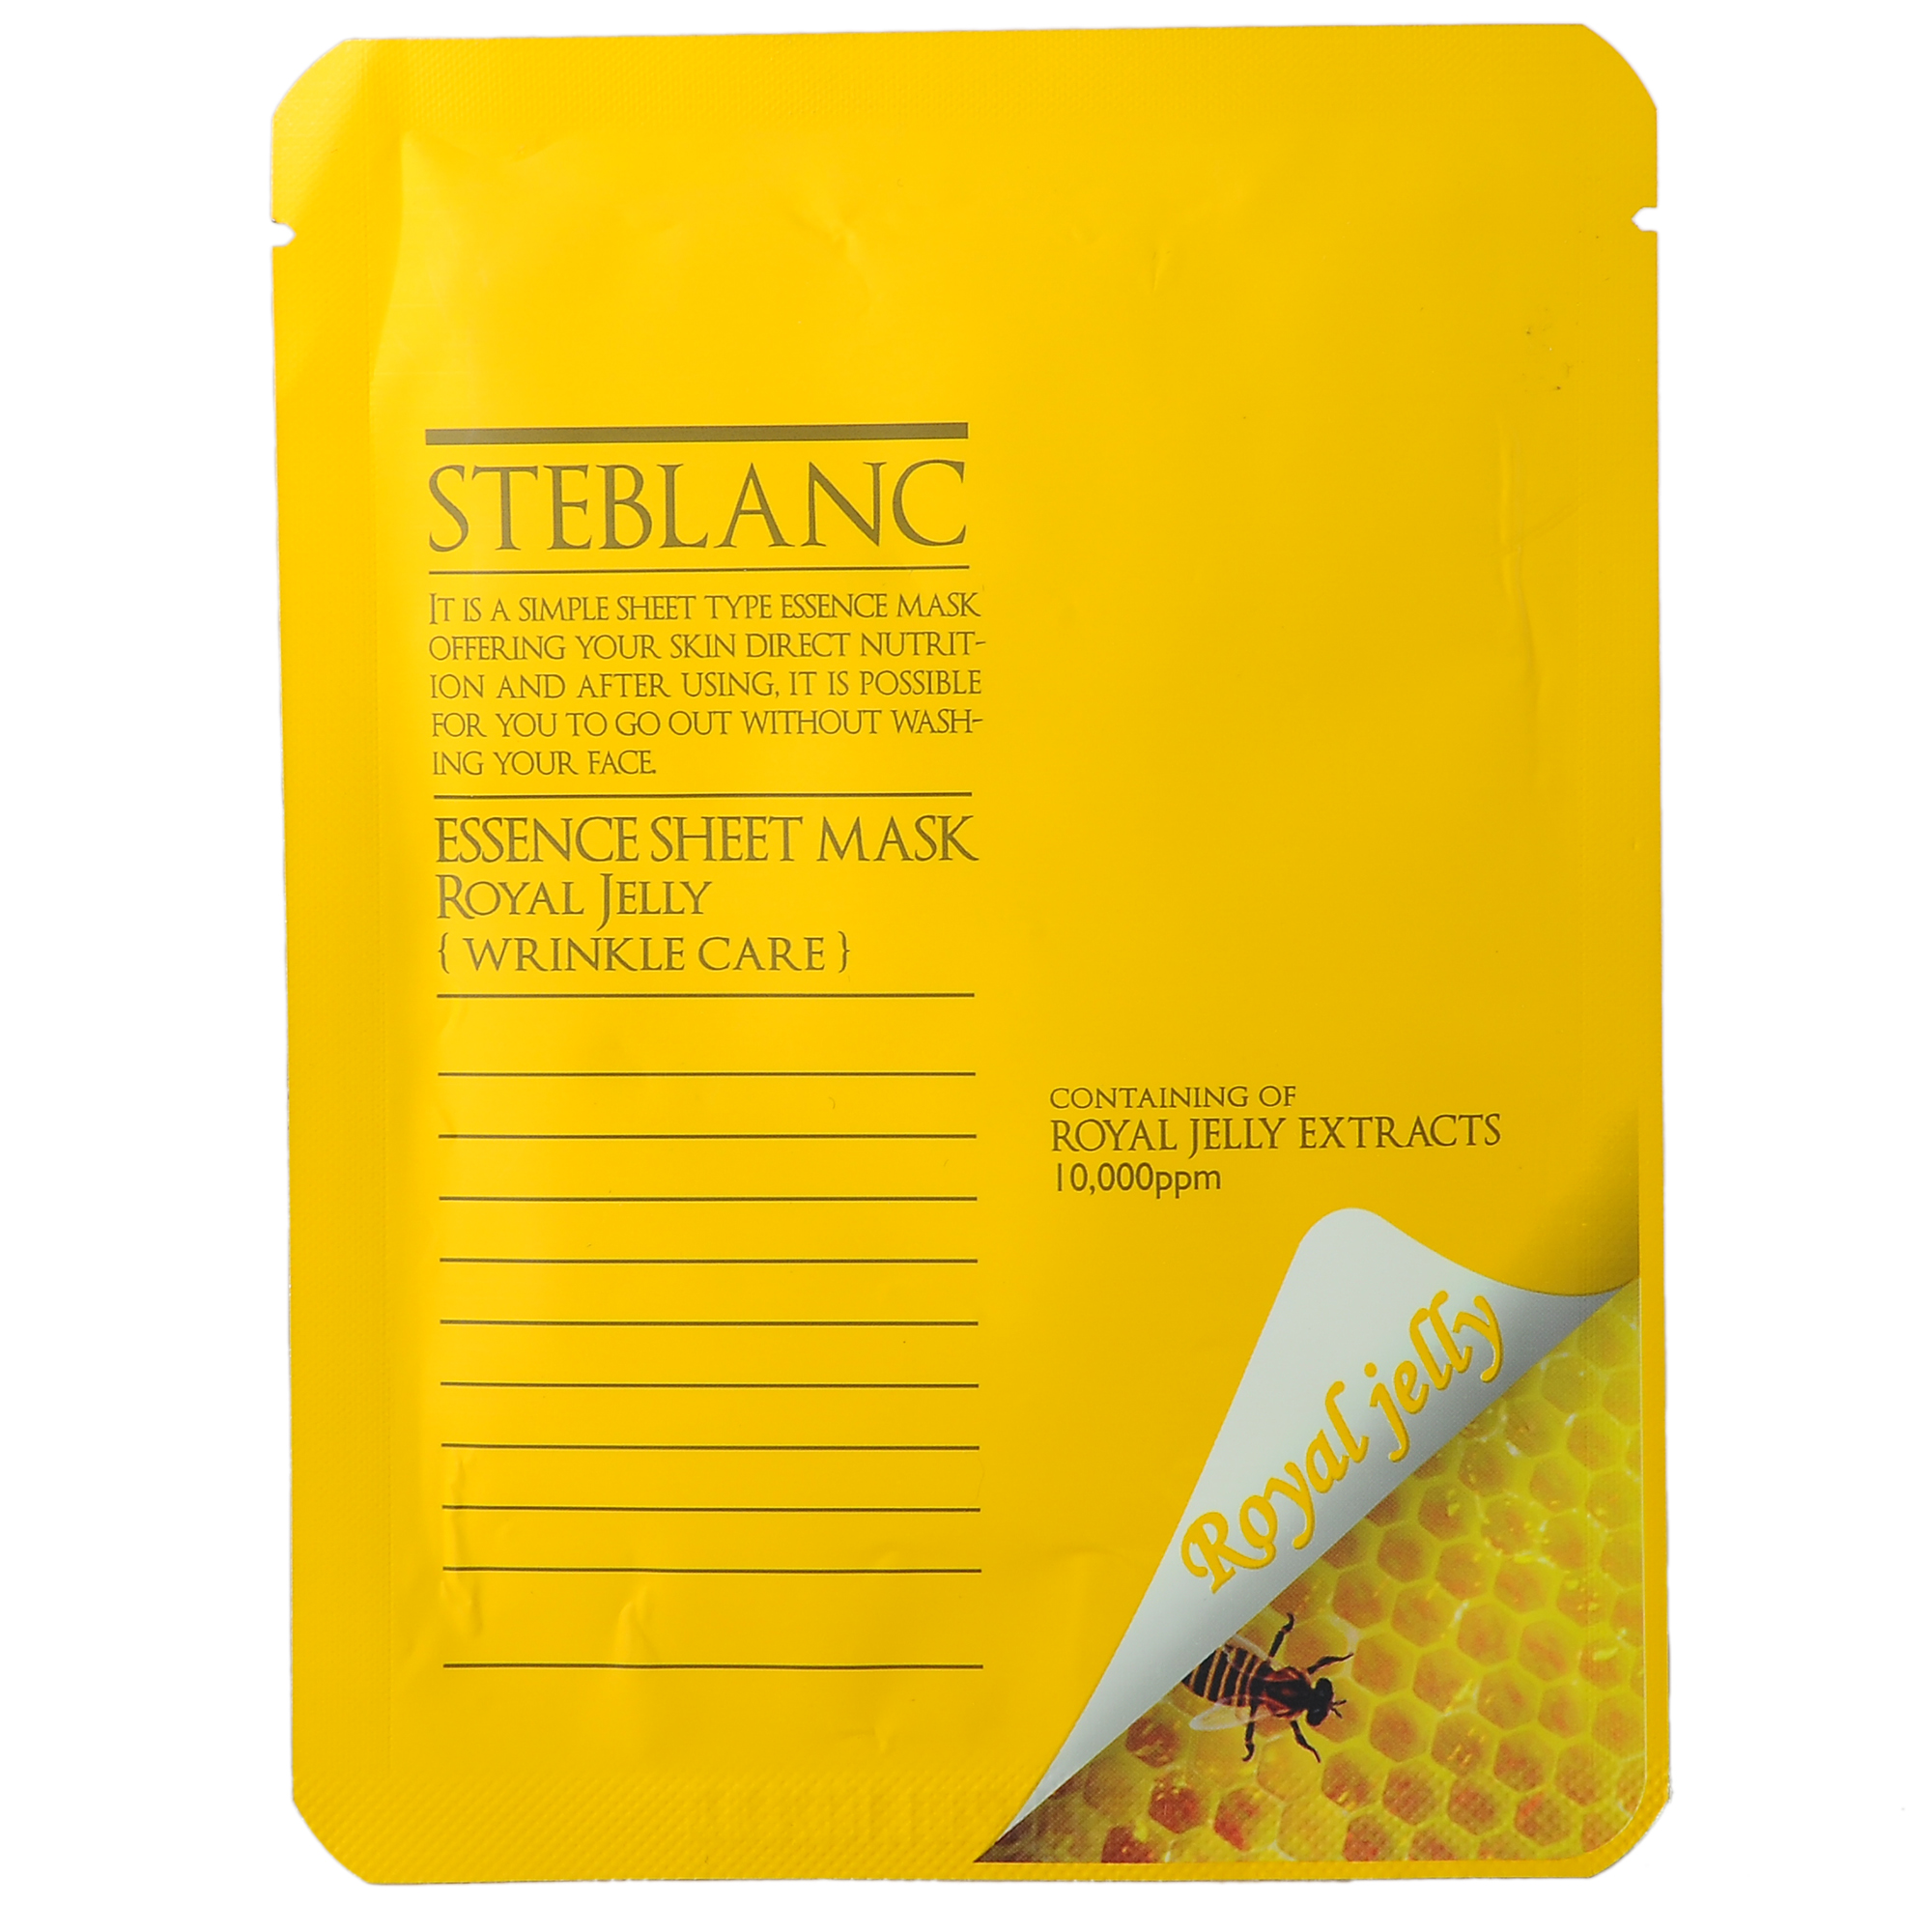 STEBLANC Маска против морщин с экстрактом маточного молочка для лица / ESSENCE SHEET MASK 20грМаски<br>Маска из высококачественного нетканного материала с активными компонентами. Маска двойного действия ухаживает за тусклой и морщинистой кожей лица, а также очень эффективна при стрессах и других негативных факторах. Маточное молочко содержит достаточное количество белков, жиров, углеводов и влаги, которая питает и активно увлажняет лицо. Маска поддерживает кожу мягкой и здоровой. За счет высококачественного материала маска обладает высокой адгезией и плотно прилегает к лицу. Таким образом, кожа способна быстро впитывать активные компоненты. Вы сможете почувствовать разницу от других существующих продуктов уже после первого применения. Активные ингредиенты: ниацинамид, аденозин, маточное молочко, пантенол, экстракт портулака, сок листьев алоэ вера, экстракт розмарина, гидролизованный коллаген, экстракт виноградной косточки, экстракт корейской малины, гиалуронат натрия . Способ применения: снимите макияж и умойте лицо. На очищенную кожу плотно нанесите маску. Расслабьтесь на 10-20 минут, промокните кончиками пальцев маску на лице, затем удалите.<br><br>Назначение: Морщины